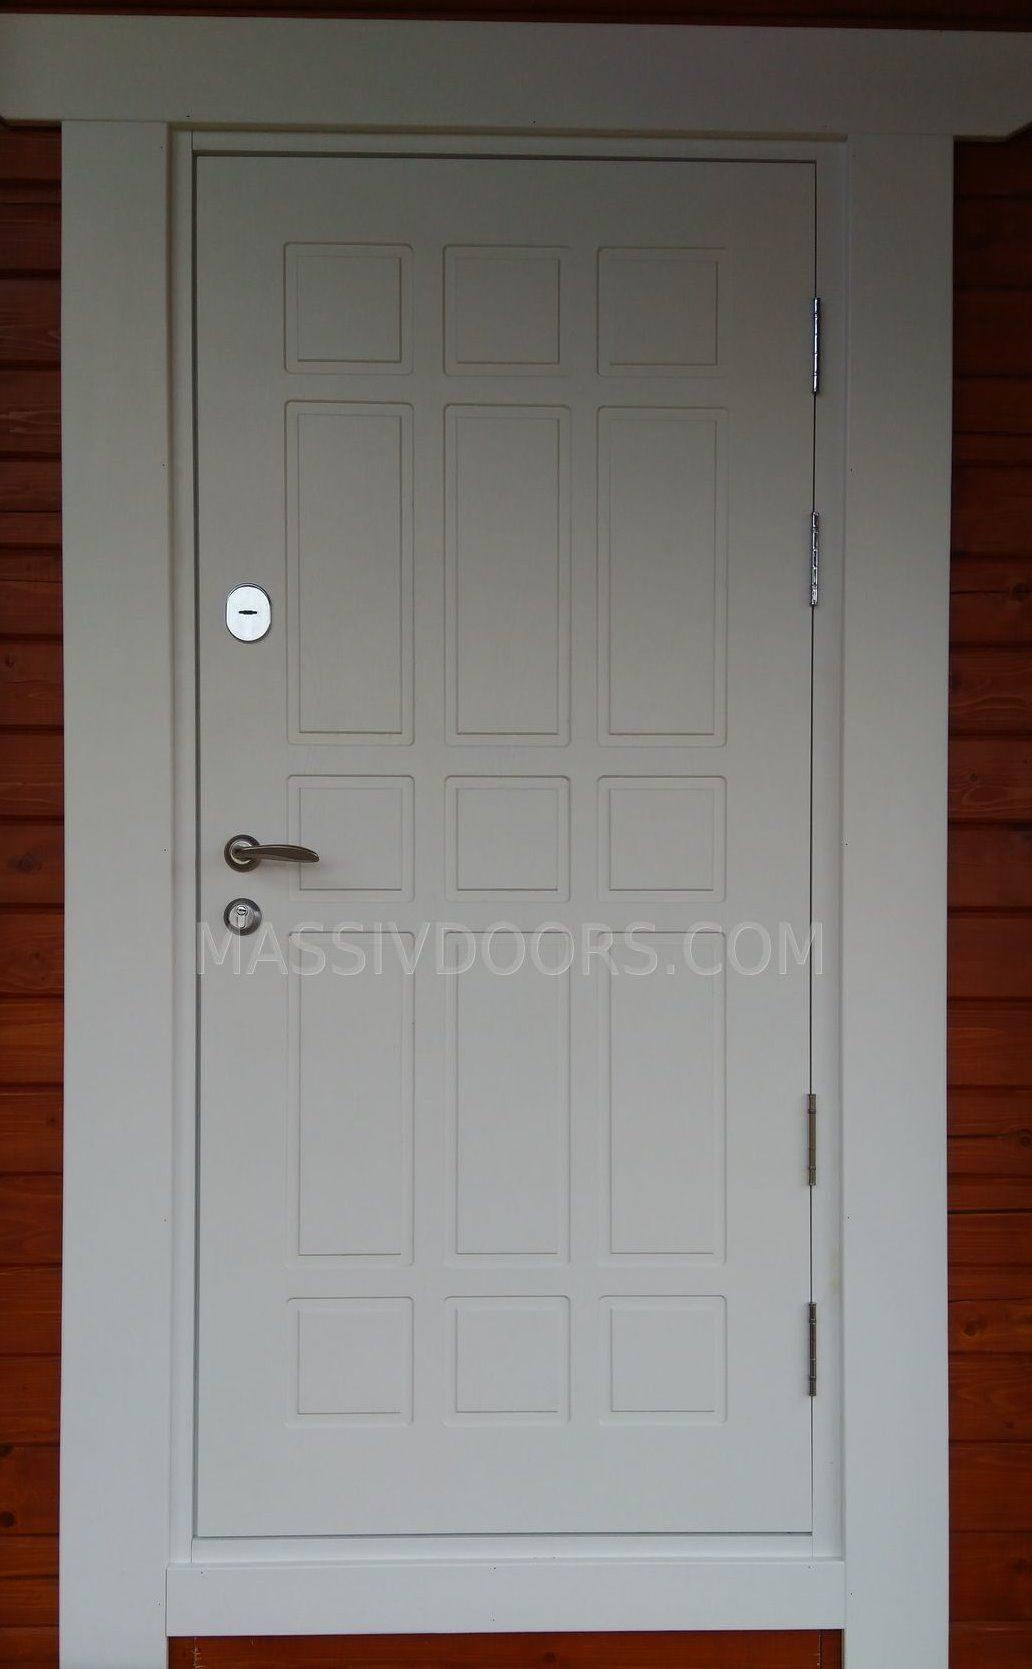 Комплект обивки для дверей цвет черный в Красноярске